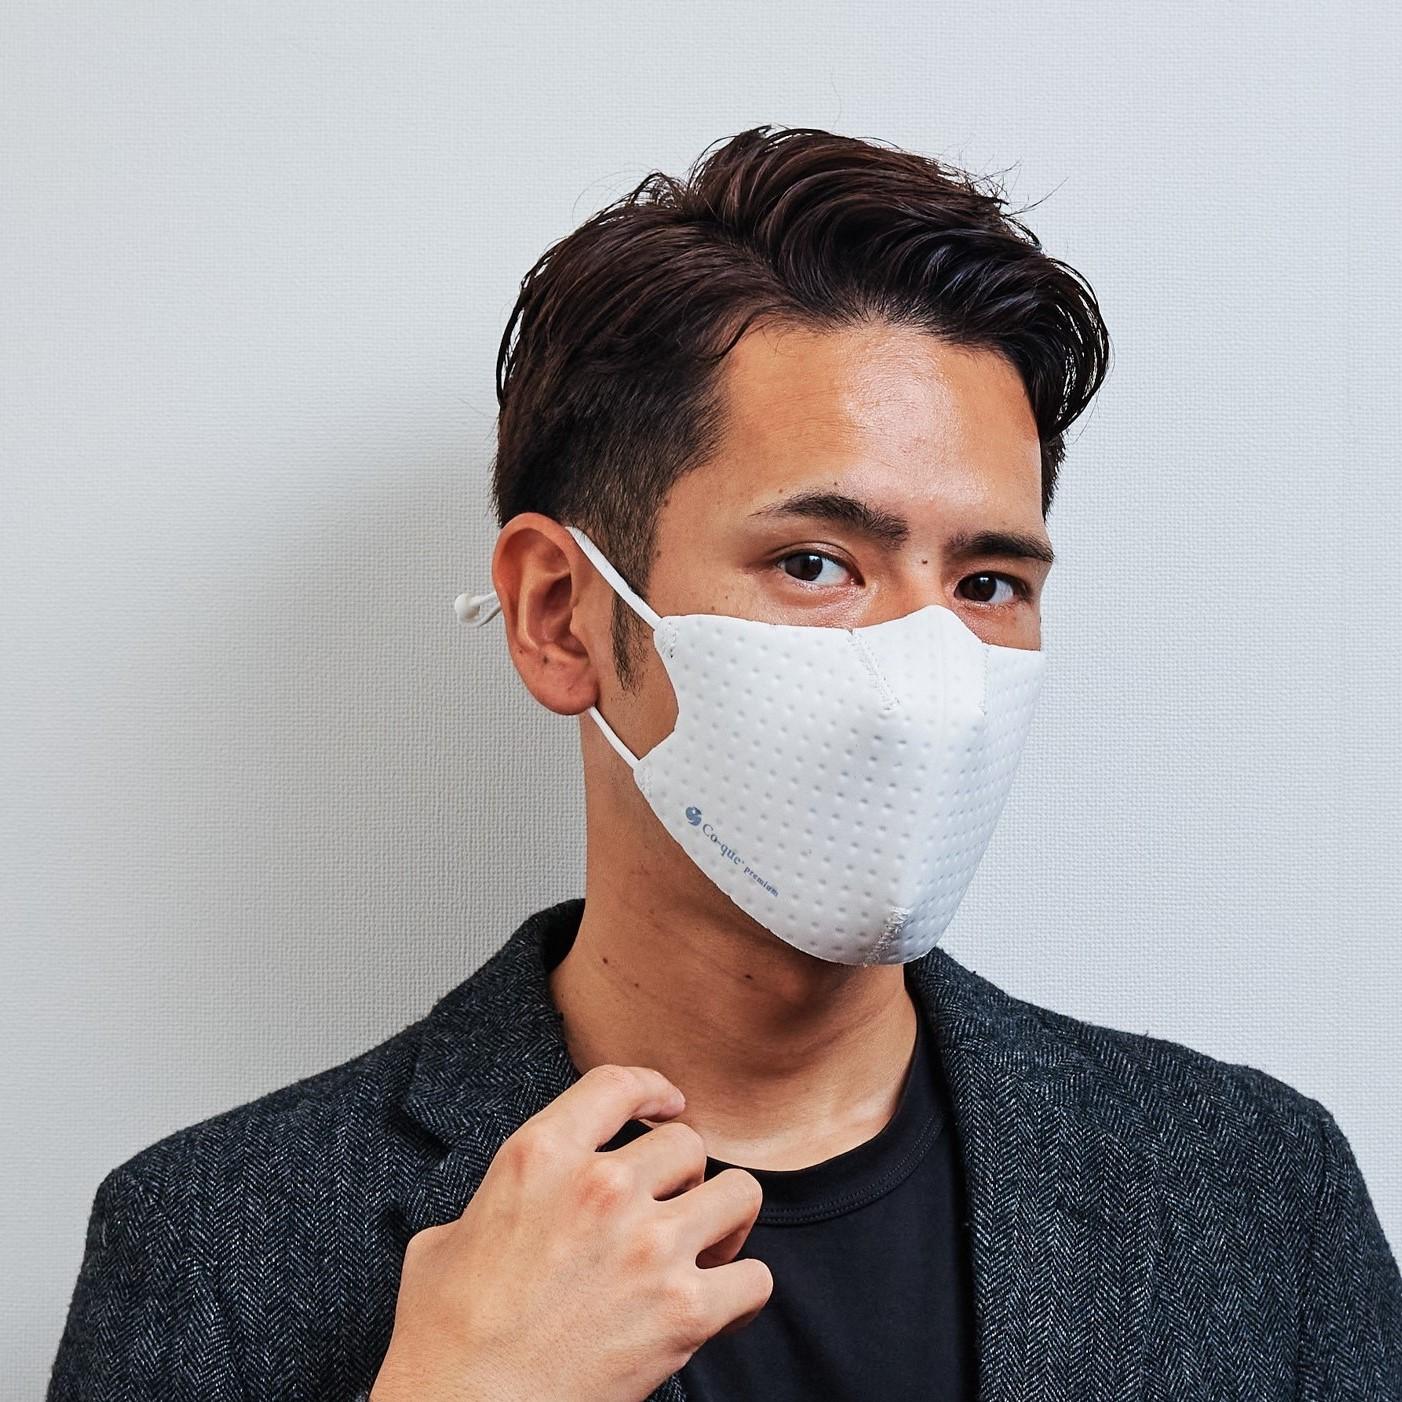 【単色購入】呼吸 Co-que プレミアム ホワイト